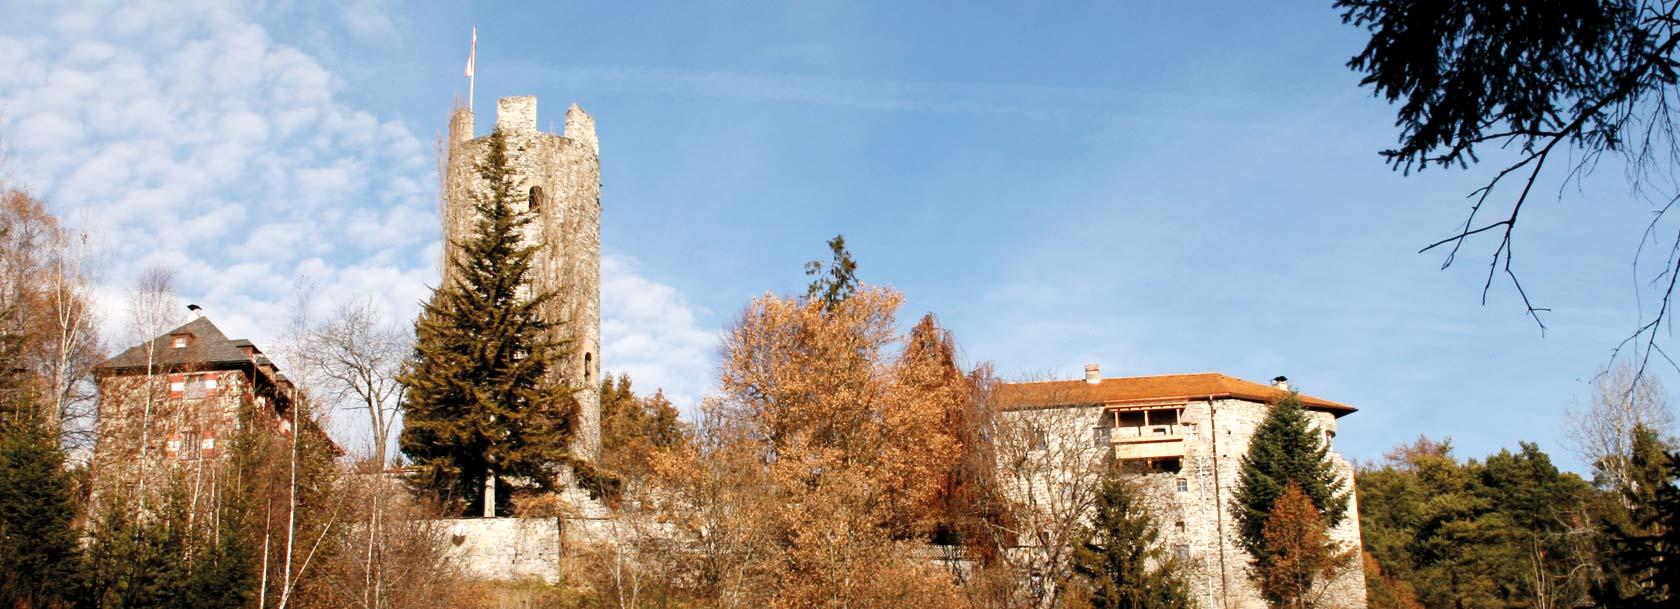 Ansicht Burg Klamm - Obsteig